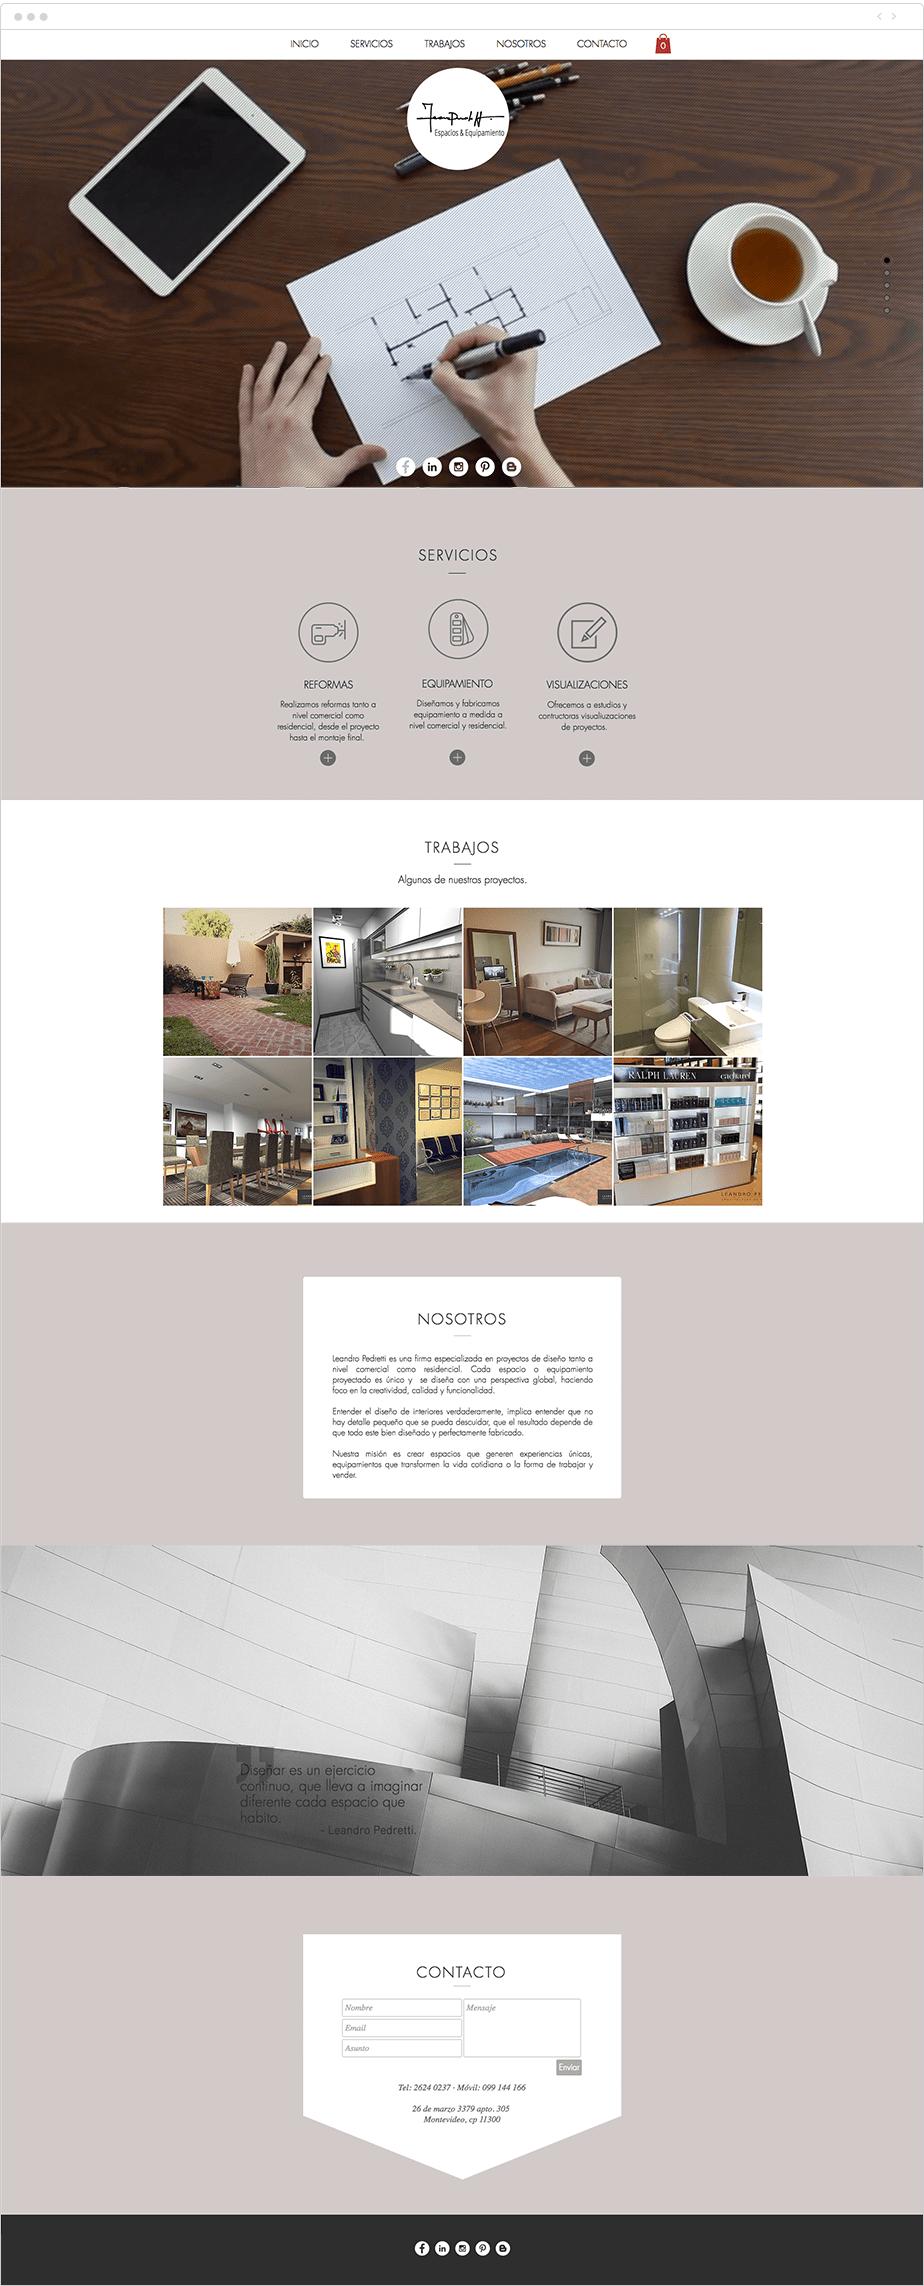 leandro pedretti - Arquitecto